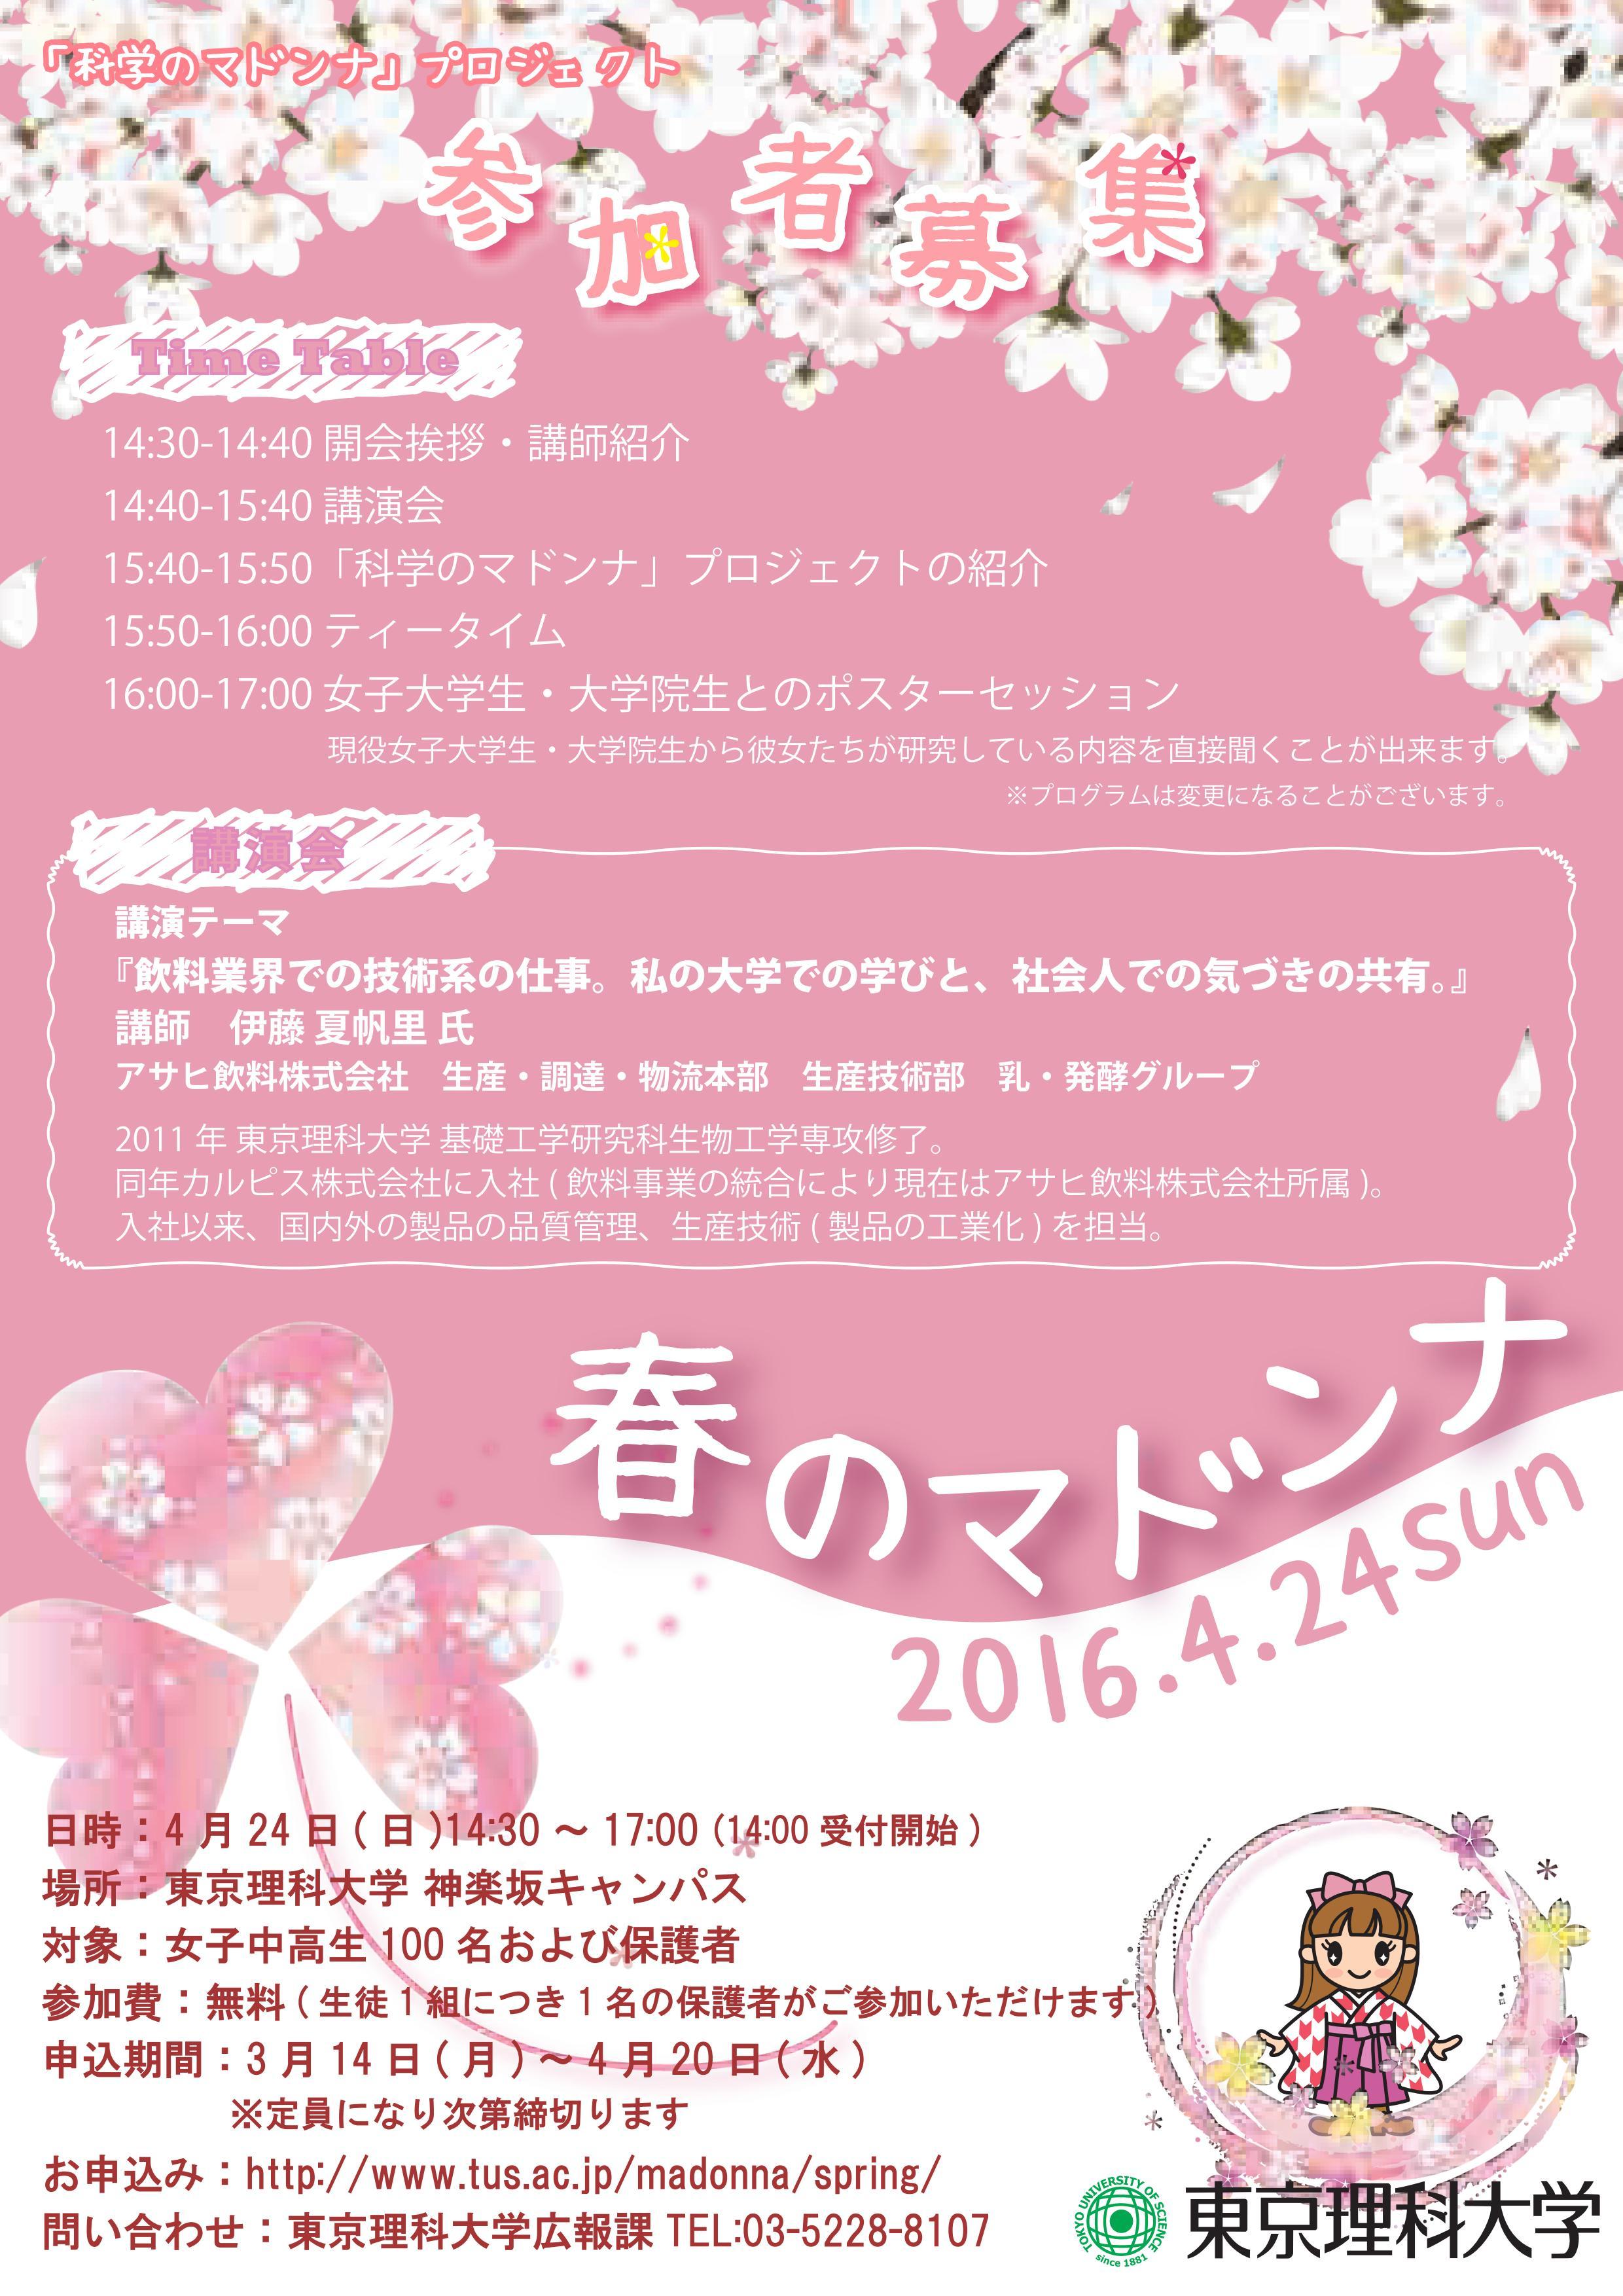 20160314001_01.jpg